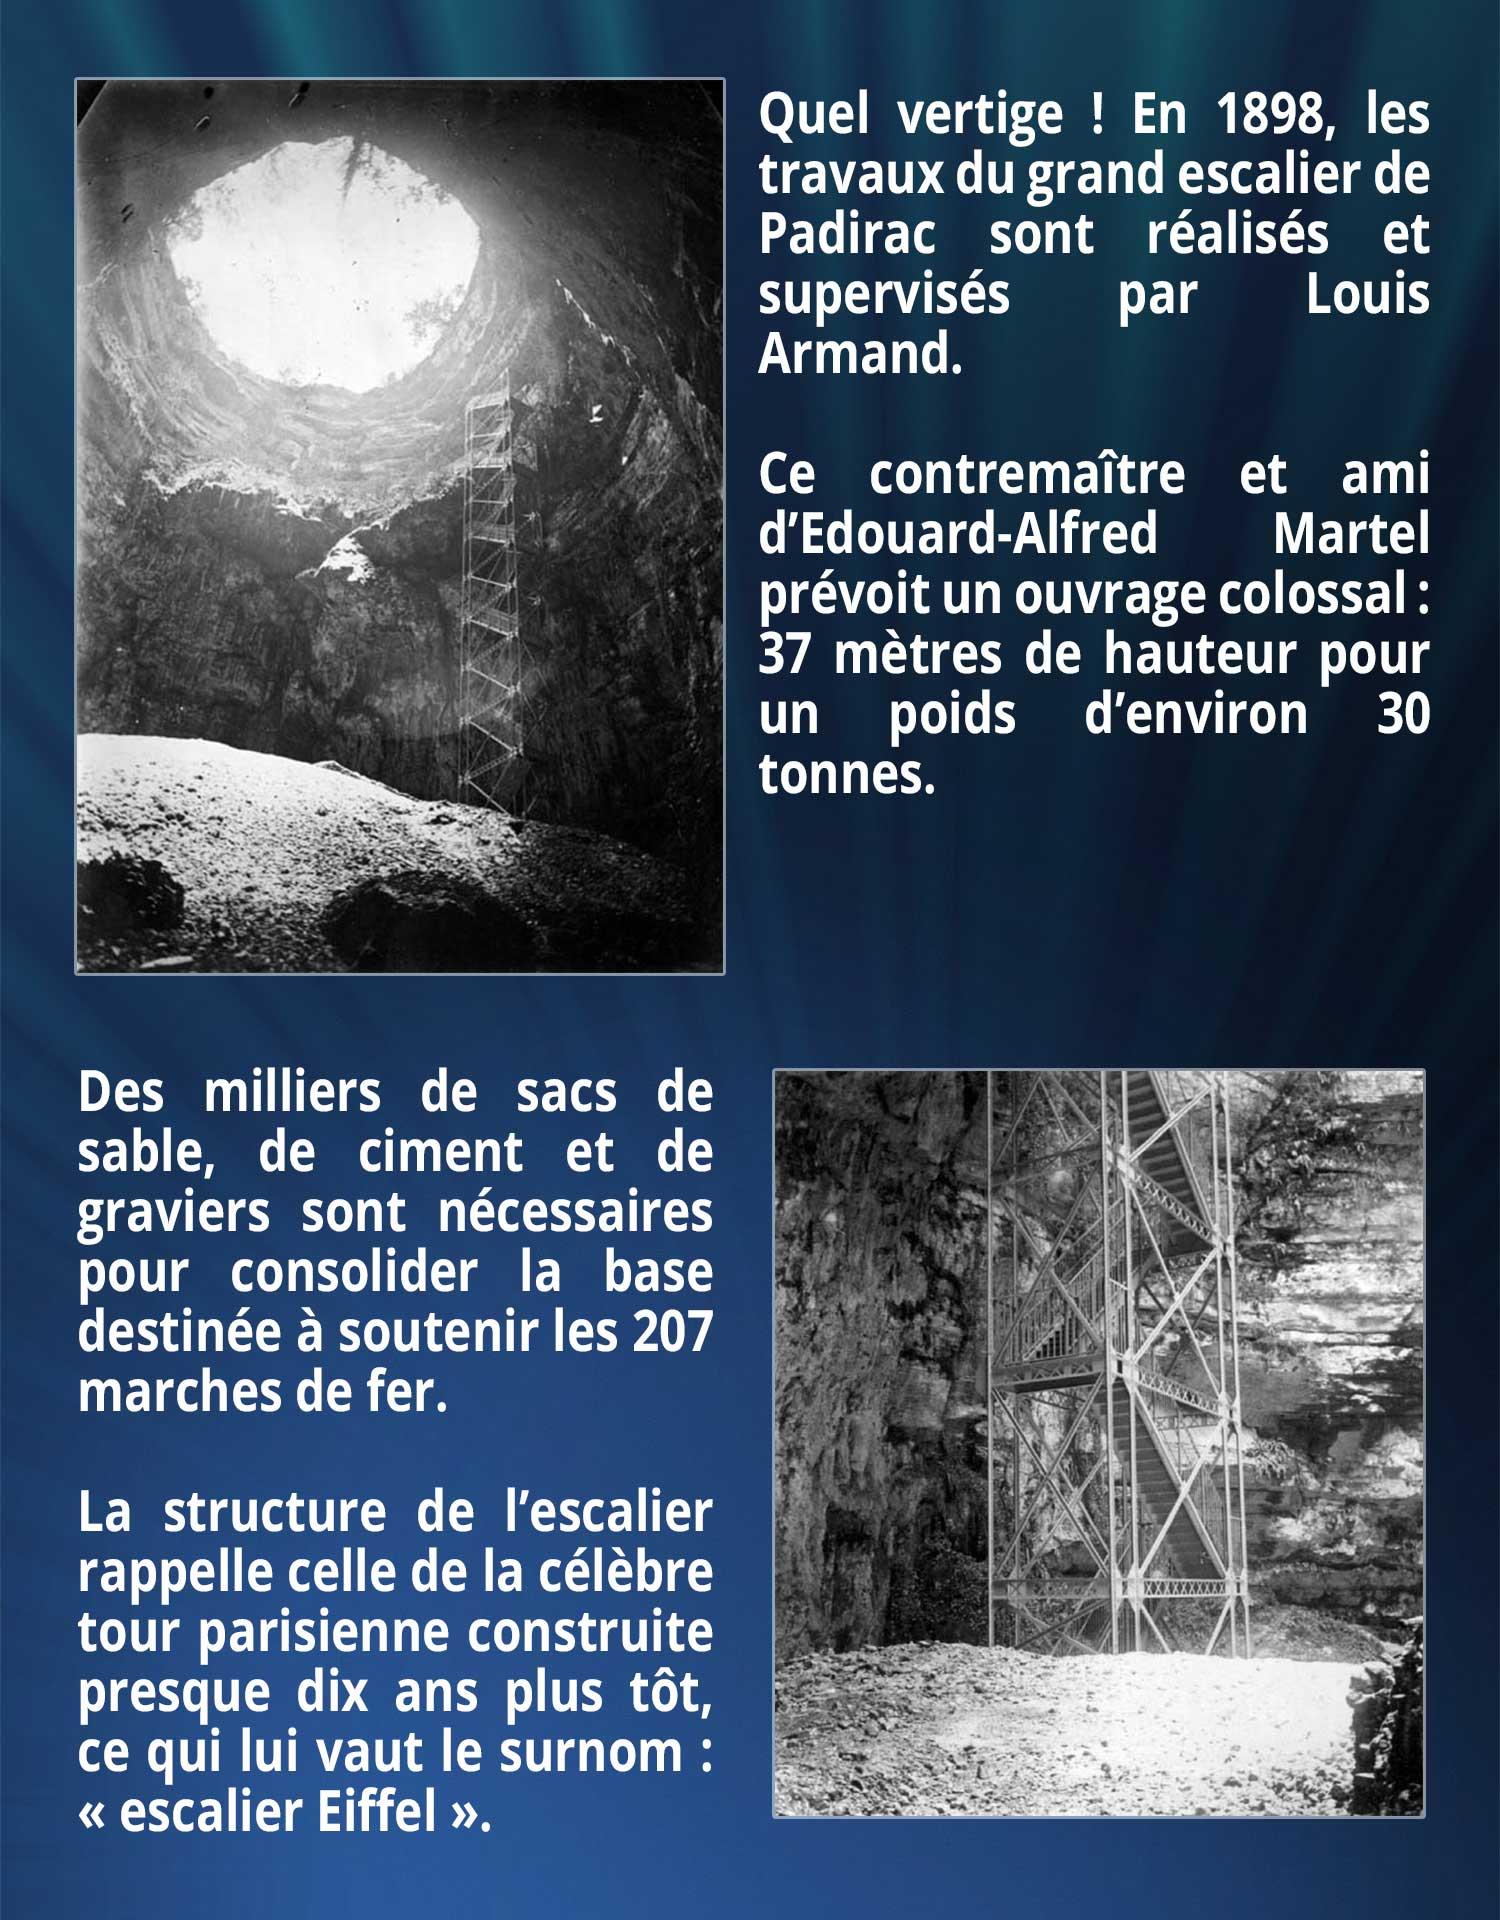 Quel vertige ! En 1898, les travaux du grand escalier de Padirac sont réalisés et supervisés par Louis Armand. Ce contremaître et ami d'Edouard-Alfred Martel prévoit un ouvrage colossal : 37 mètres de hauteur pour un poids d'environ 30 tonnes. Des milliers de sacs de sable, de ciment et de graviers sont nécessaires pour consolider la base destinée à soutenir les 207 marches de fer. La structure de l'escalier rappelle celle de la célèbre tour parisienne construite presque dix ans plus tôt, ce qui lui vaut le surnom : « escalier Eiffel ».